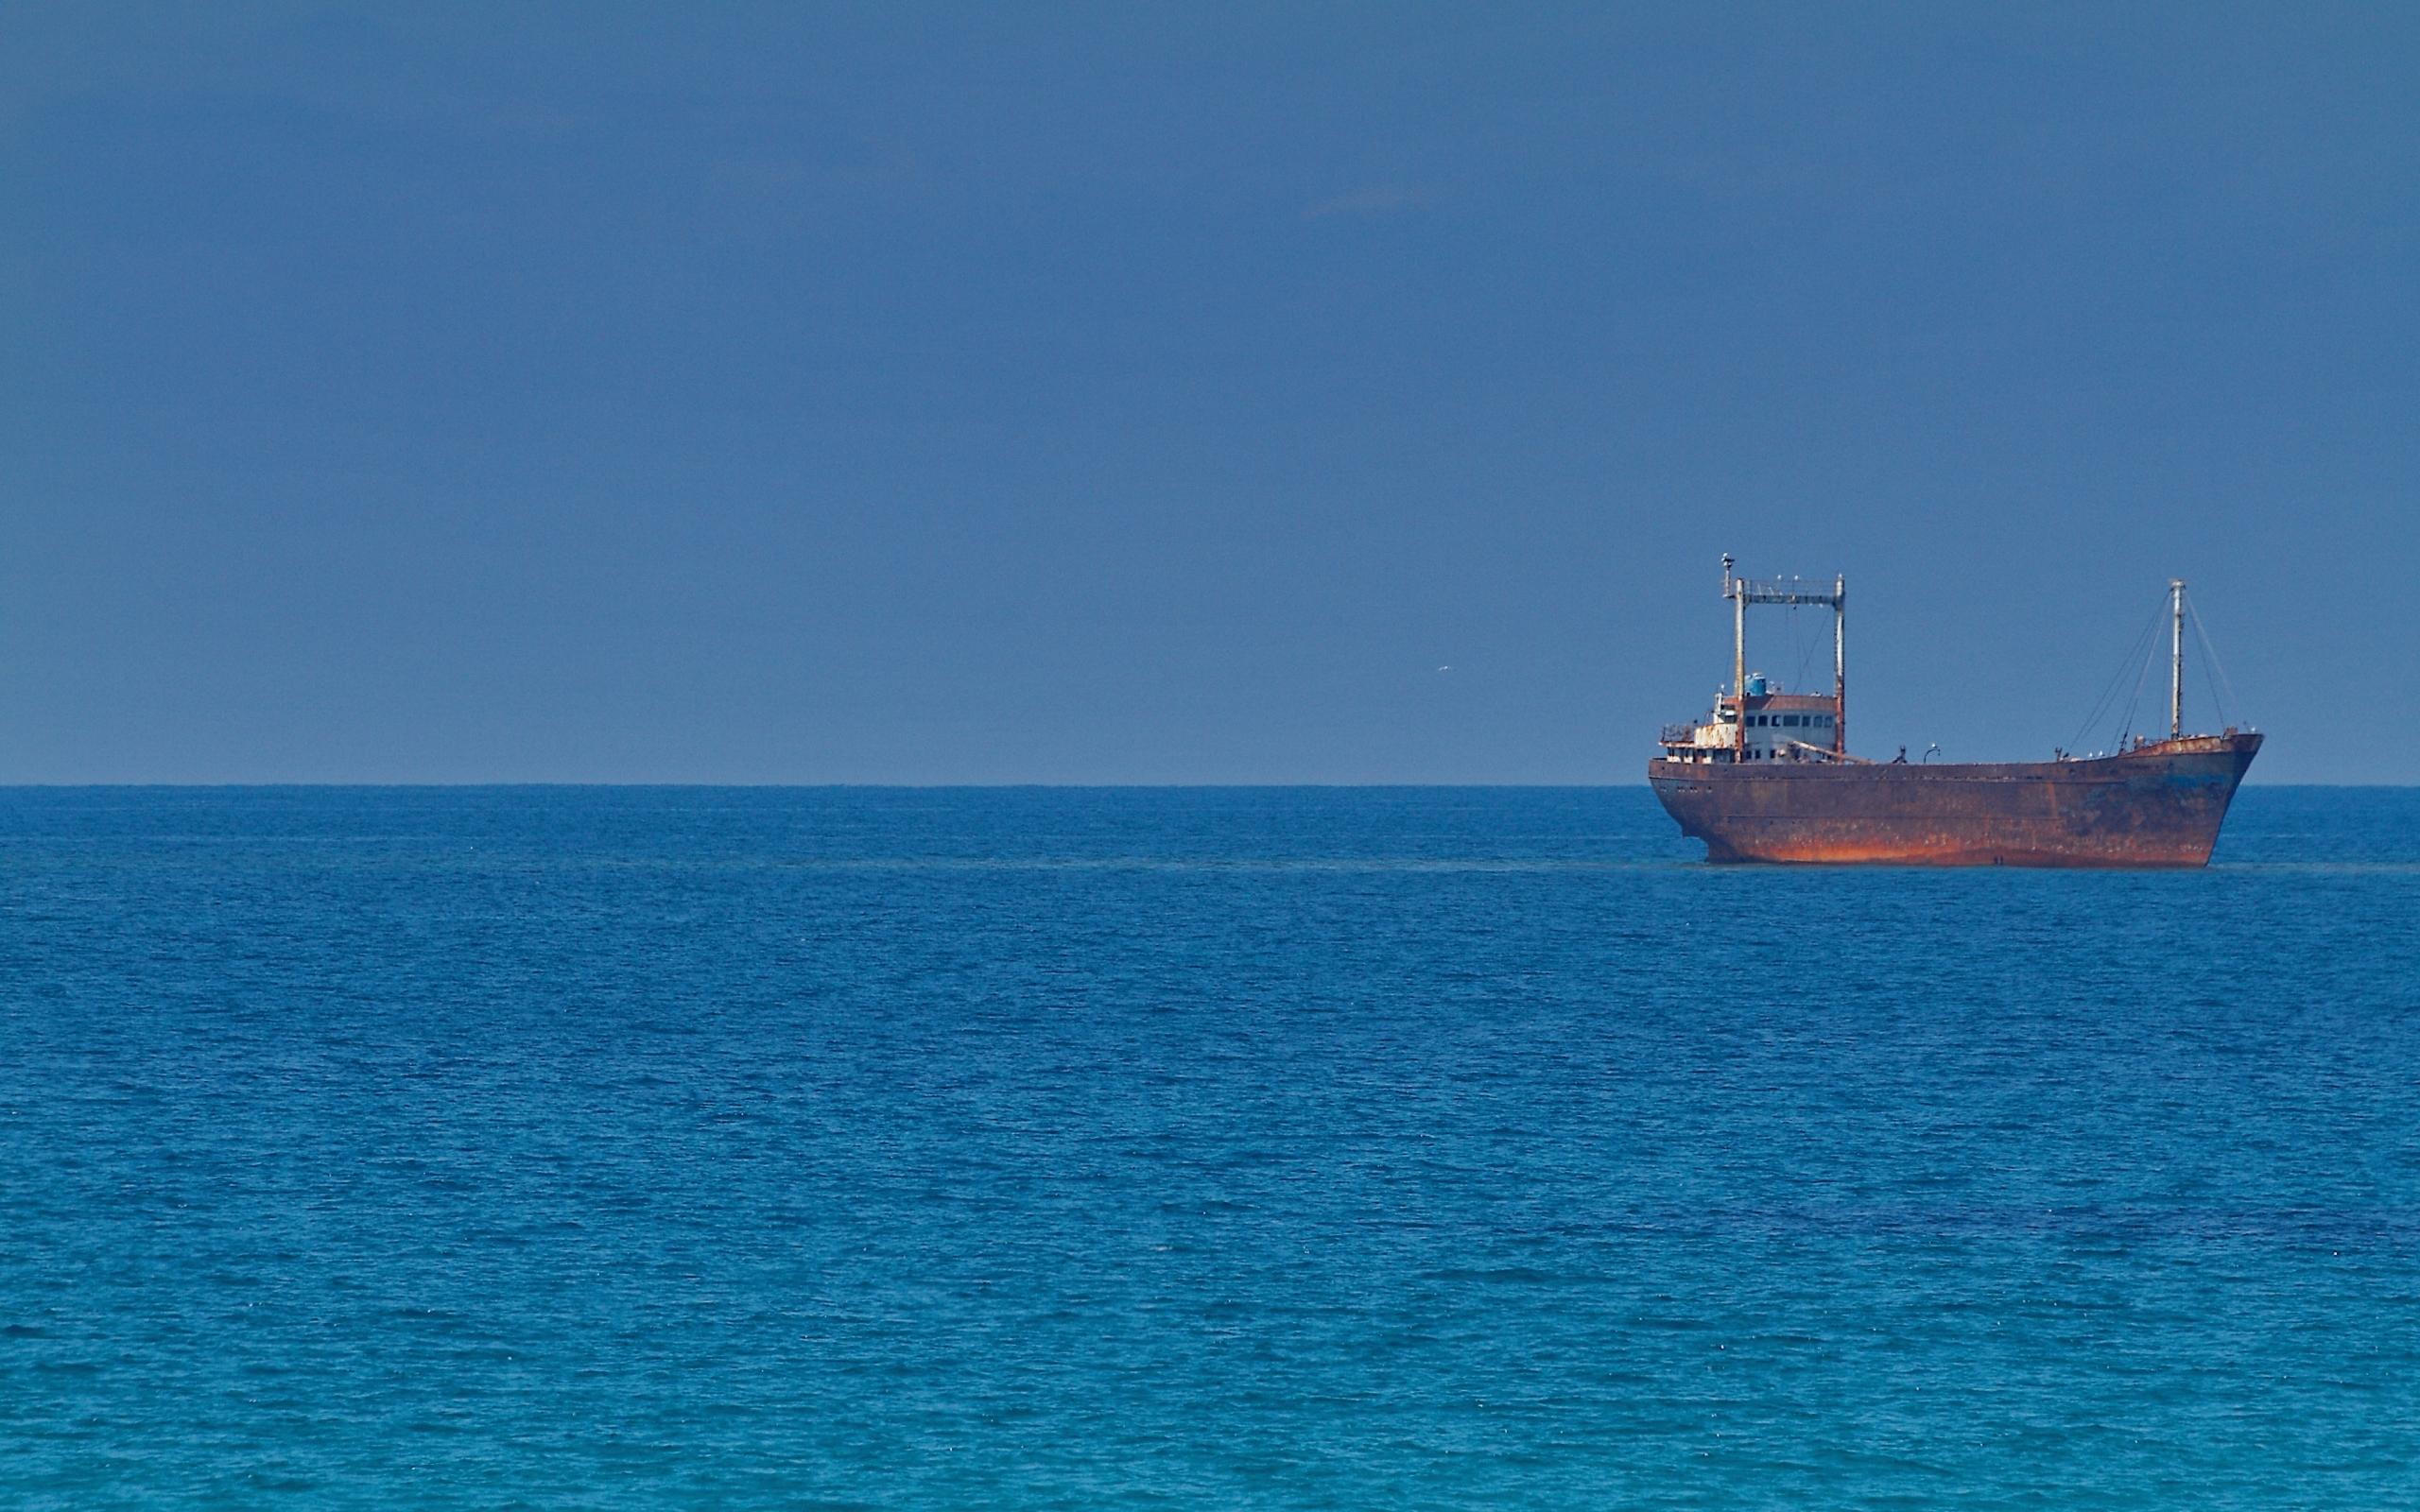 24857 скачать обои Транспорт, Пейзаж, Корабли, Море - заставки и картинки бесплатно